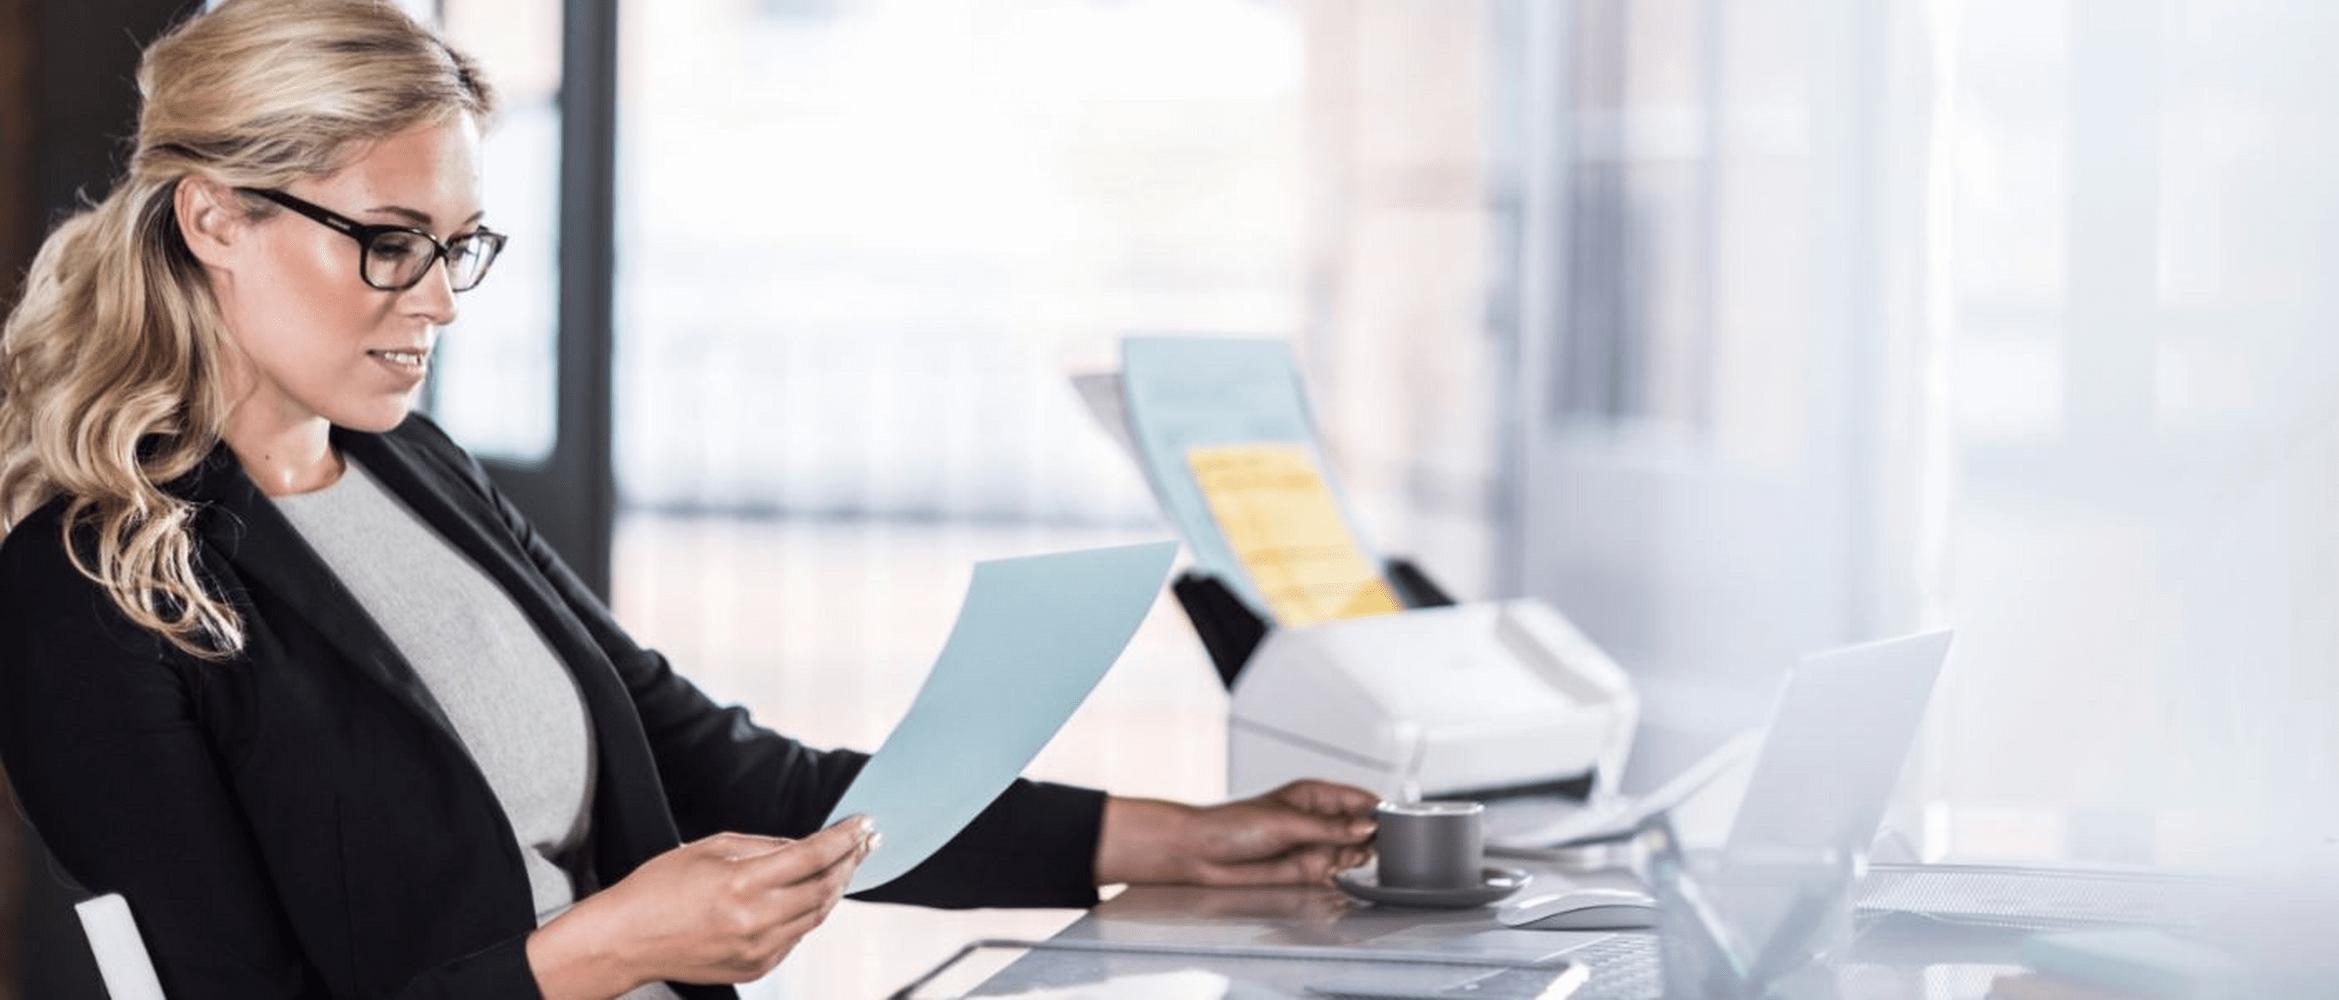 Žena v domácí kanceláři se skenerem dokumentů ADS-2200